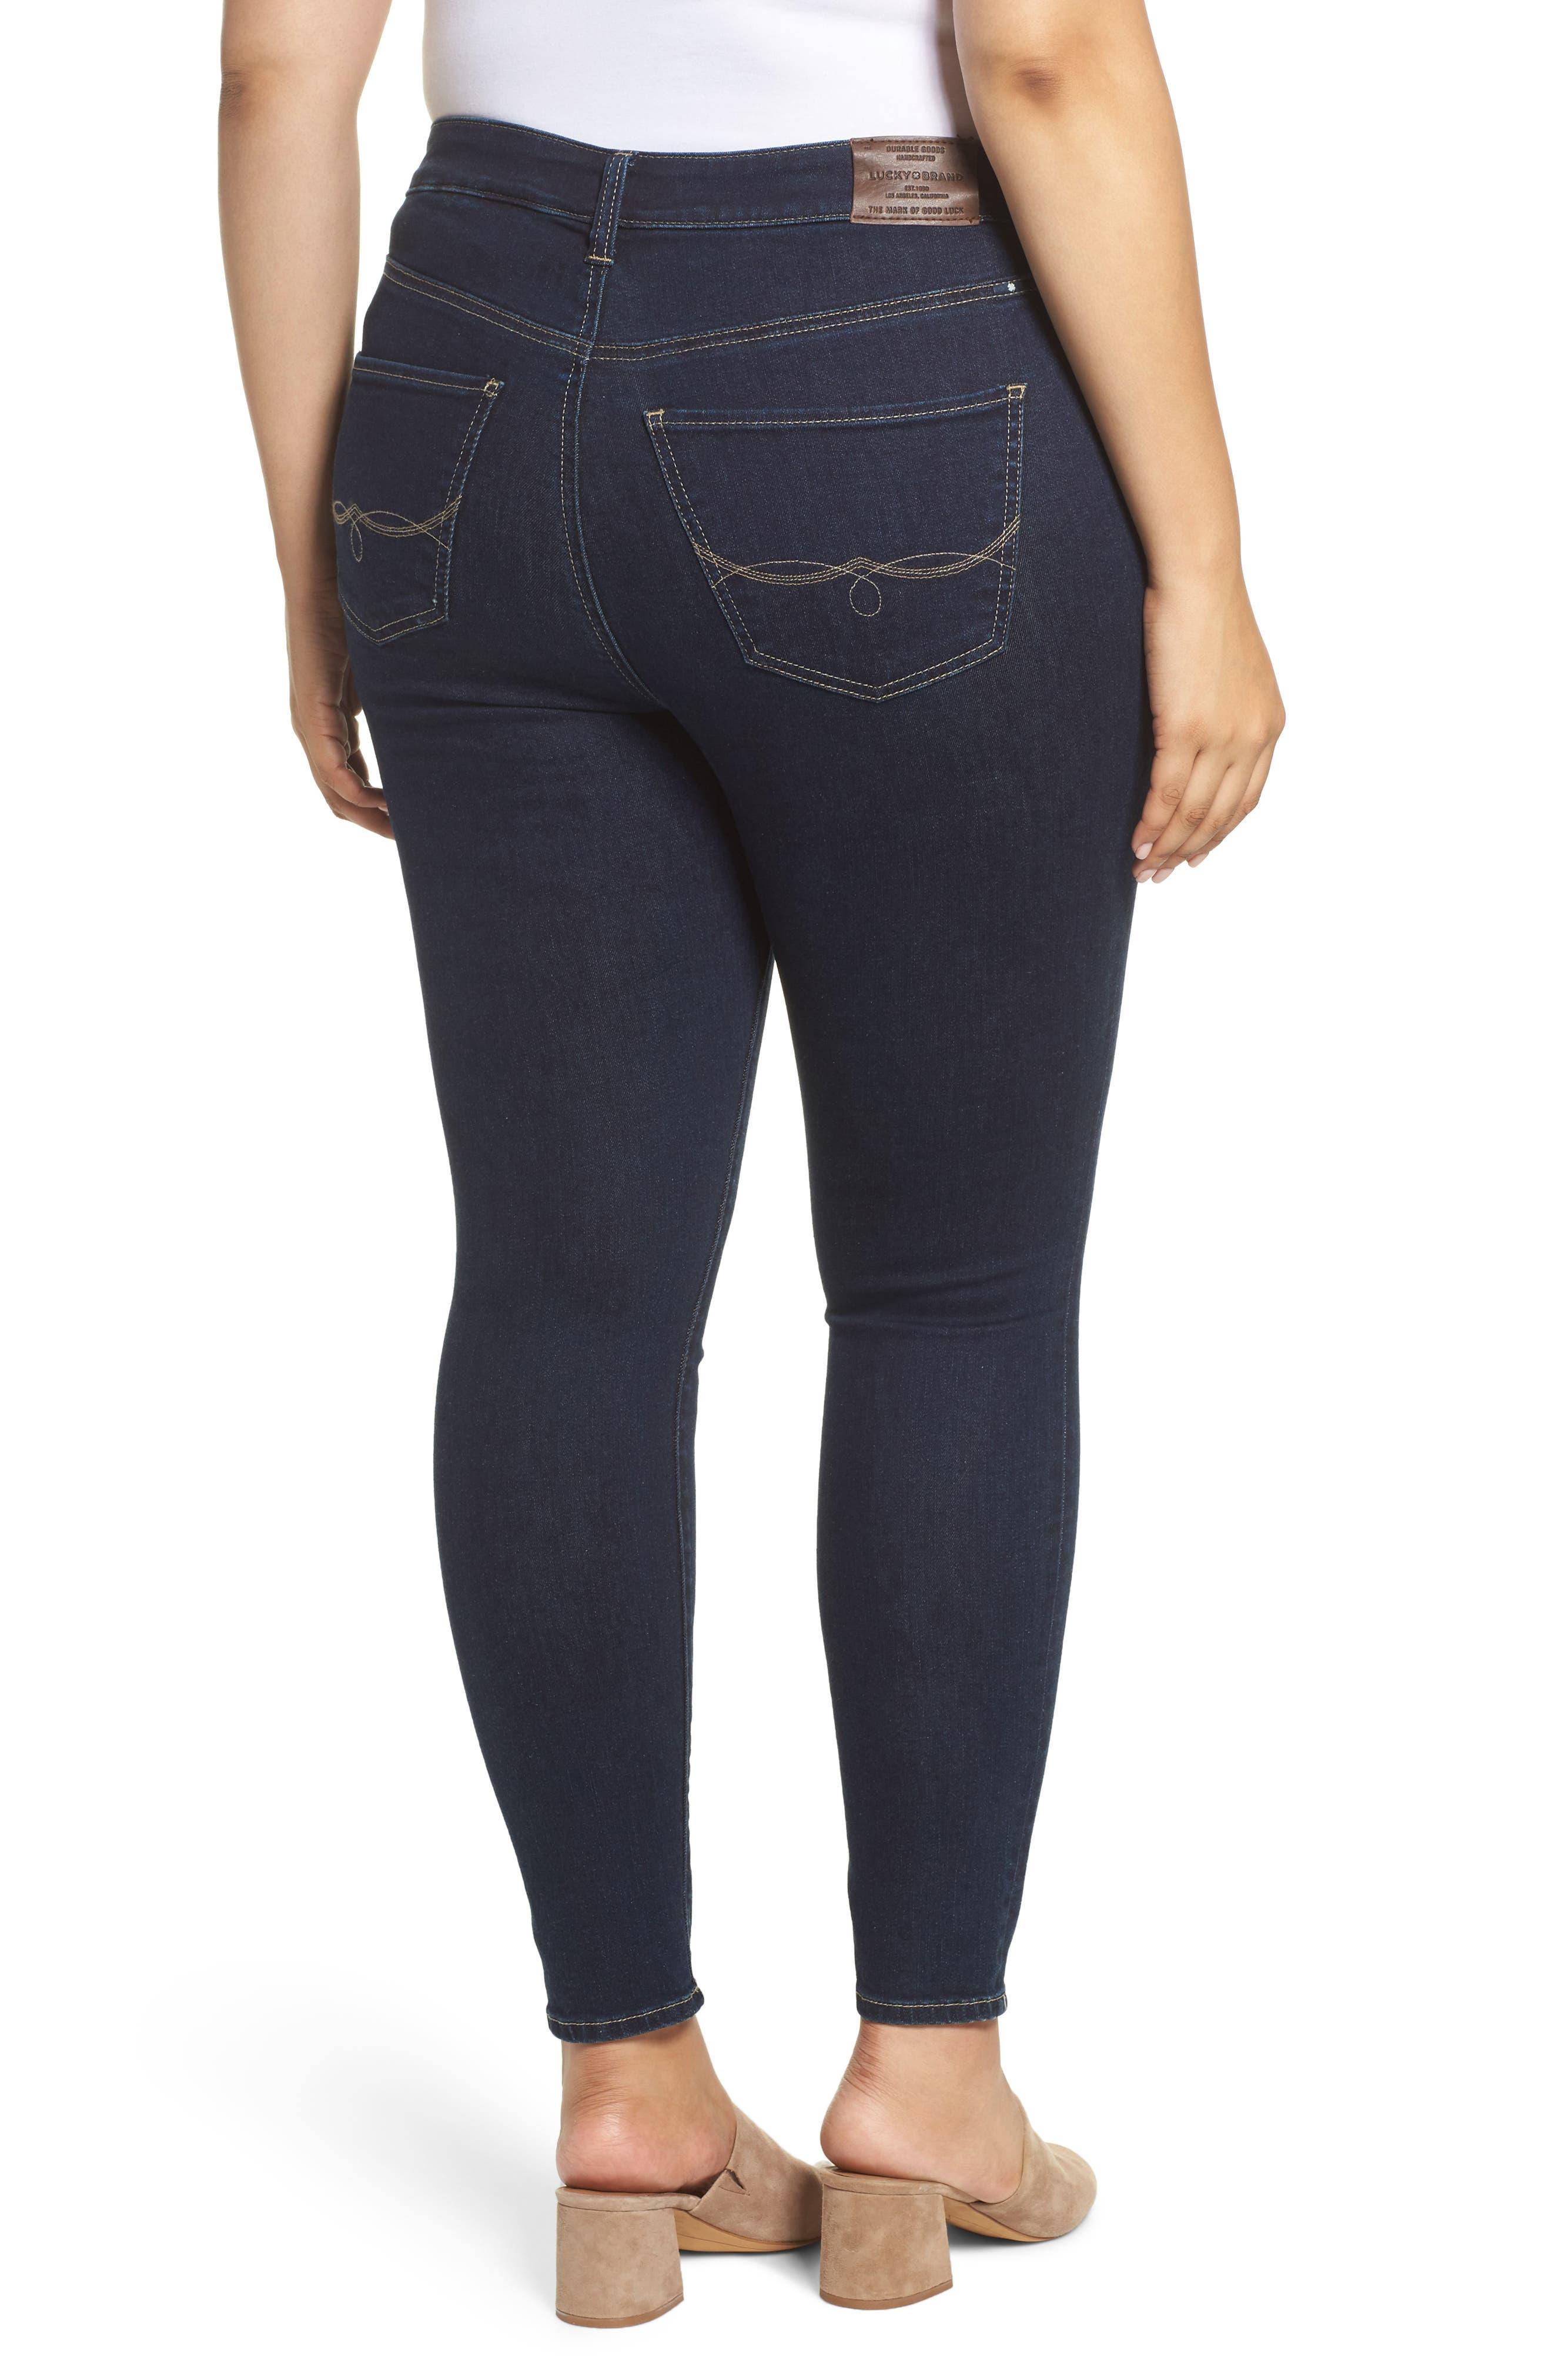 LUCKY BRAND, Emma High Rise Legging Jeans, Alternate thumbnail 2, color, BREAKER